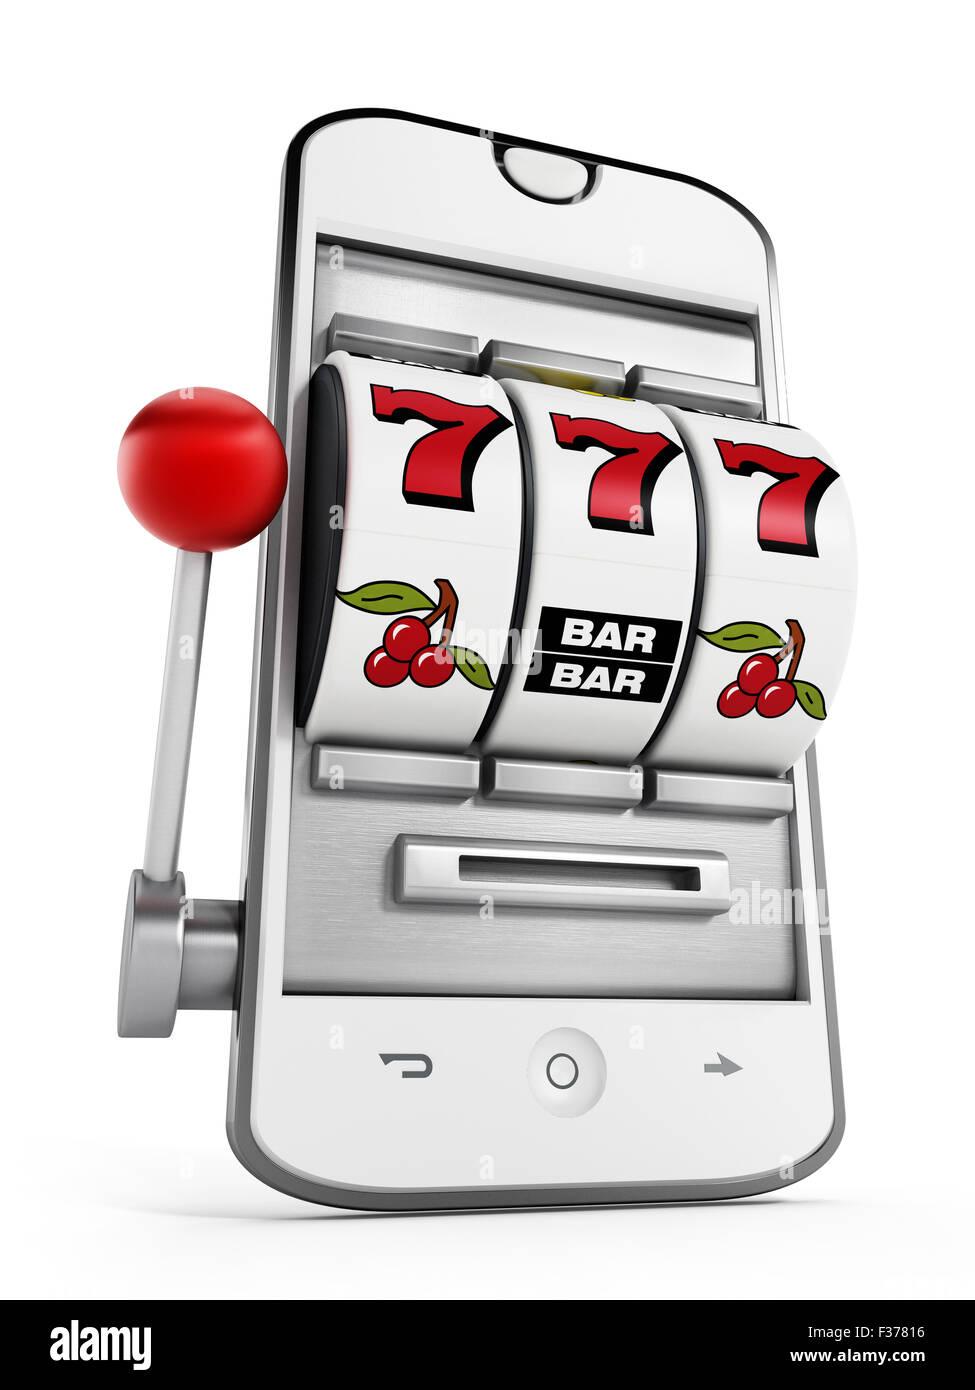 Macchina di gioco d'azzardo jackpot di puntamento sulla schermata dello smartphone. Immagini Stock